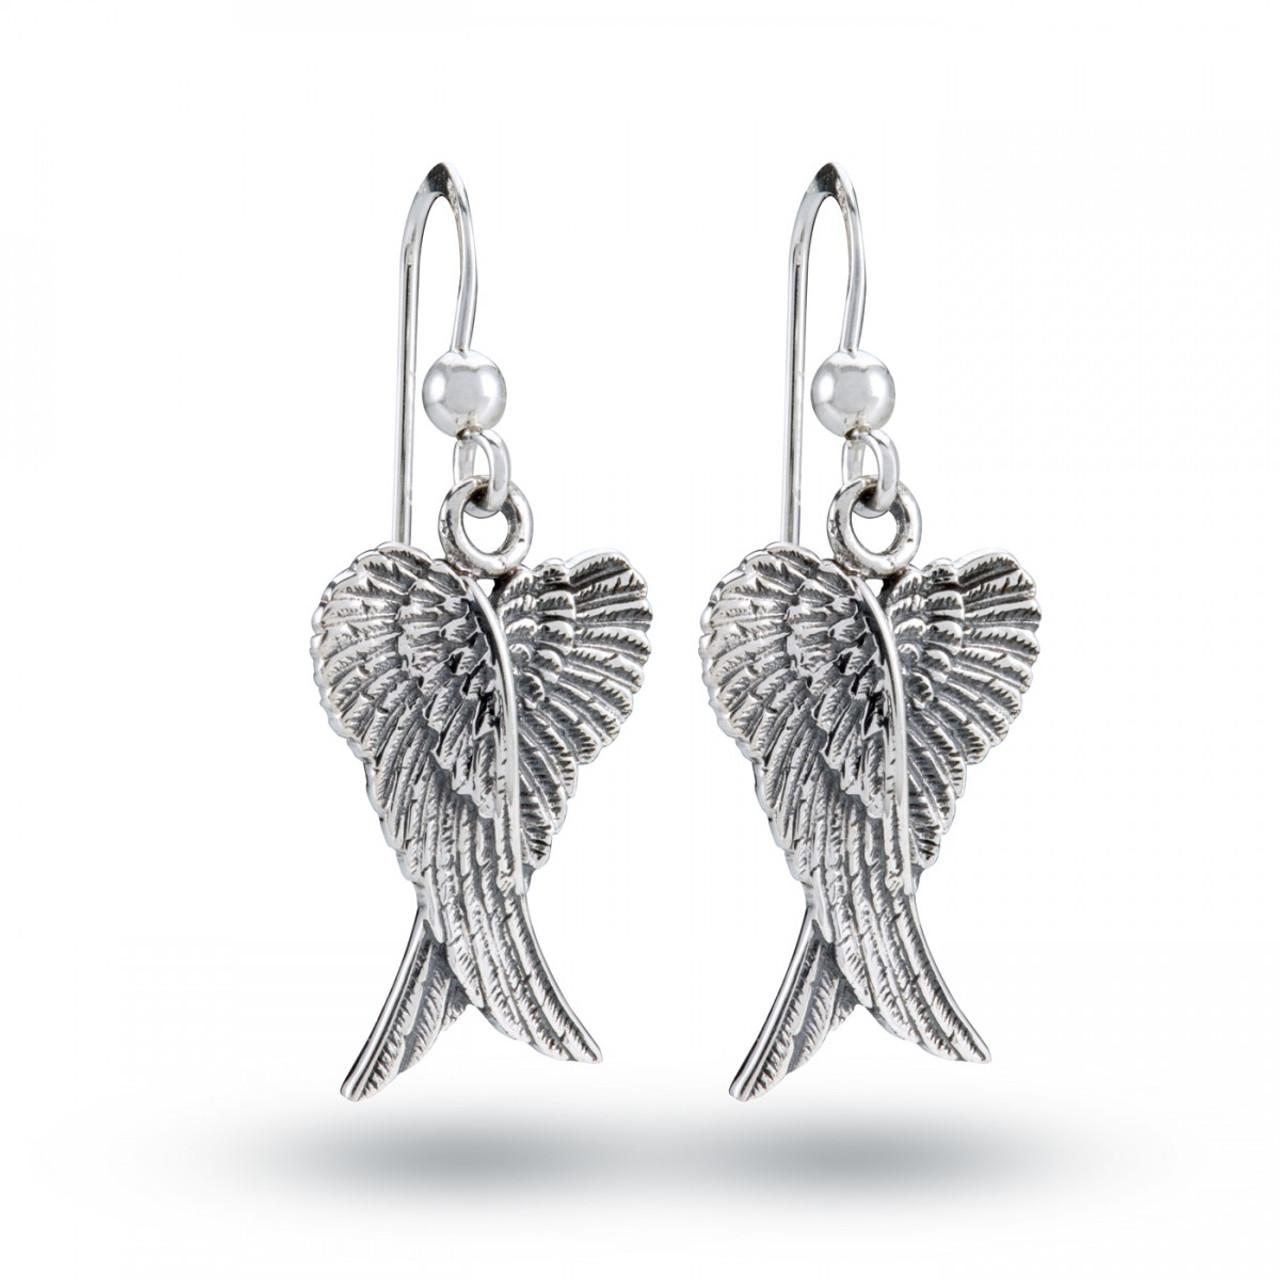 Double Angel Wings Earrings (Sterling Silver)